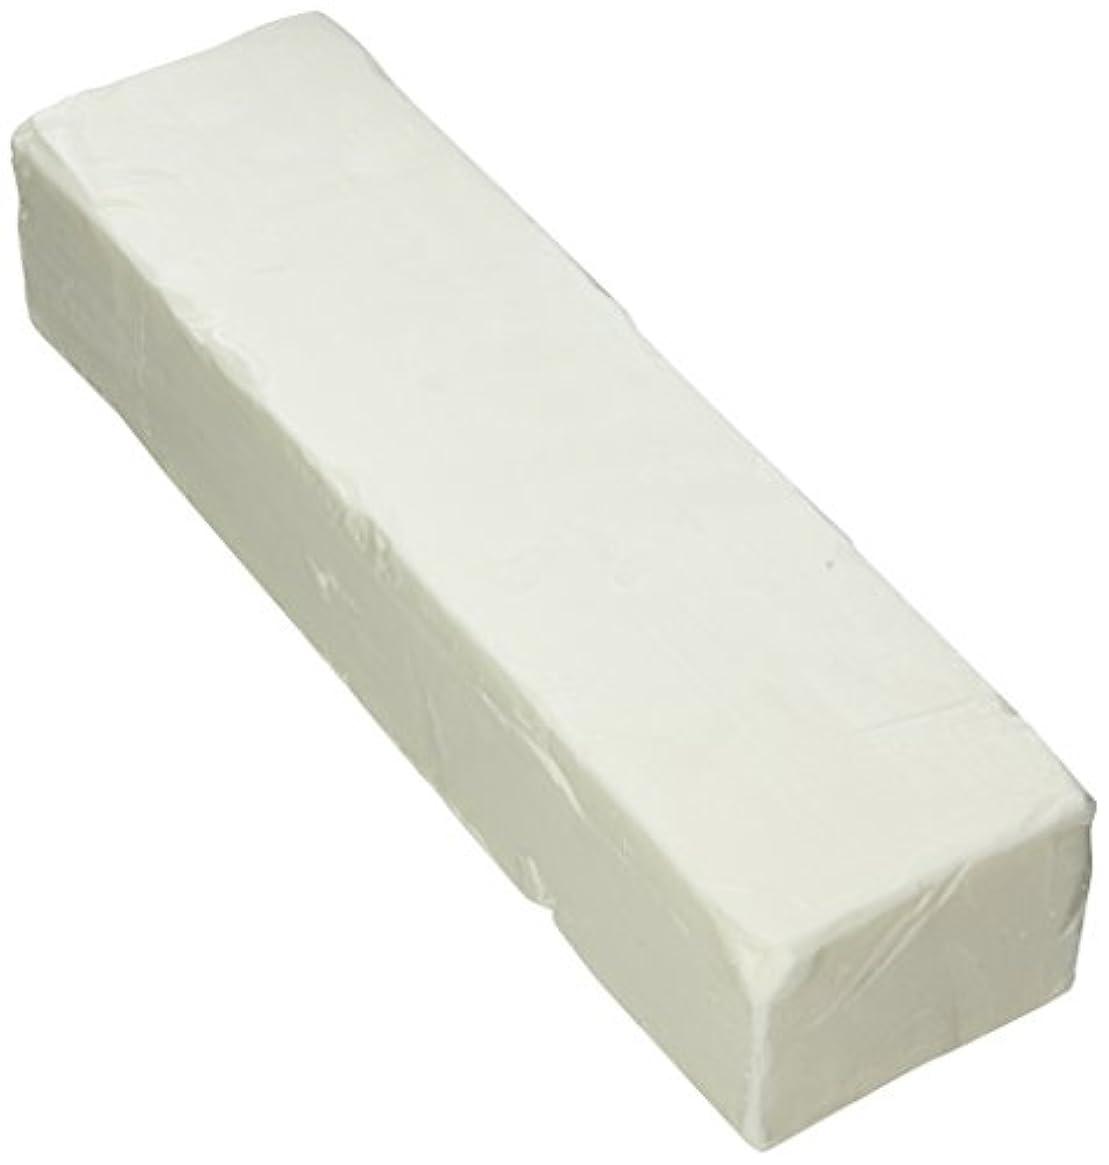 スキル始まり敷居Soapsations Soap ブロック 5 ポンド ココナッツ